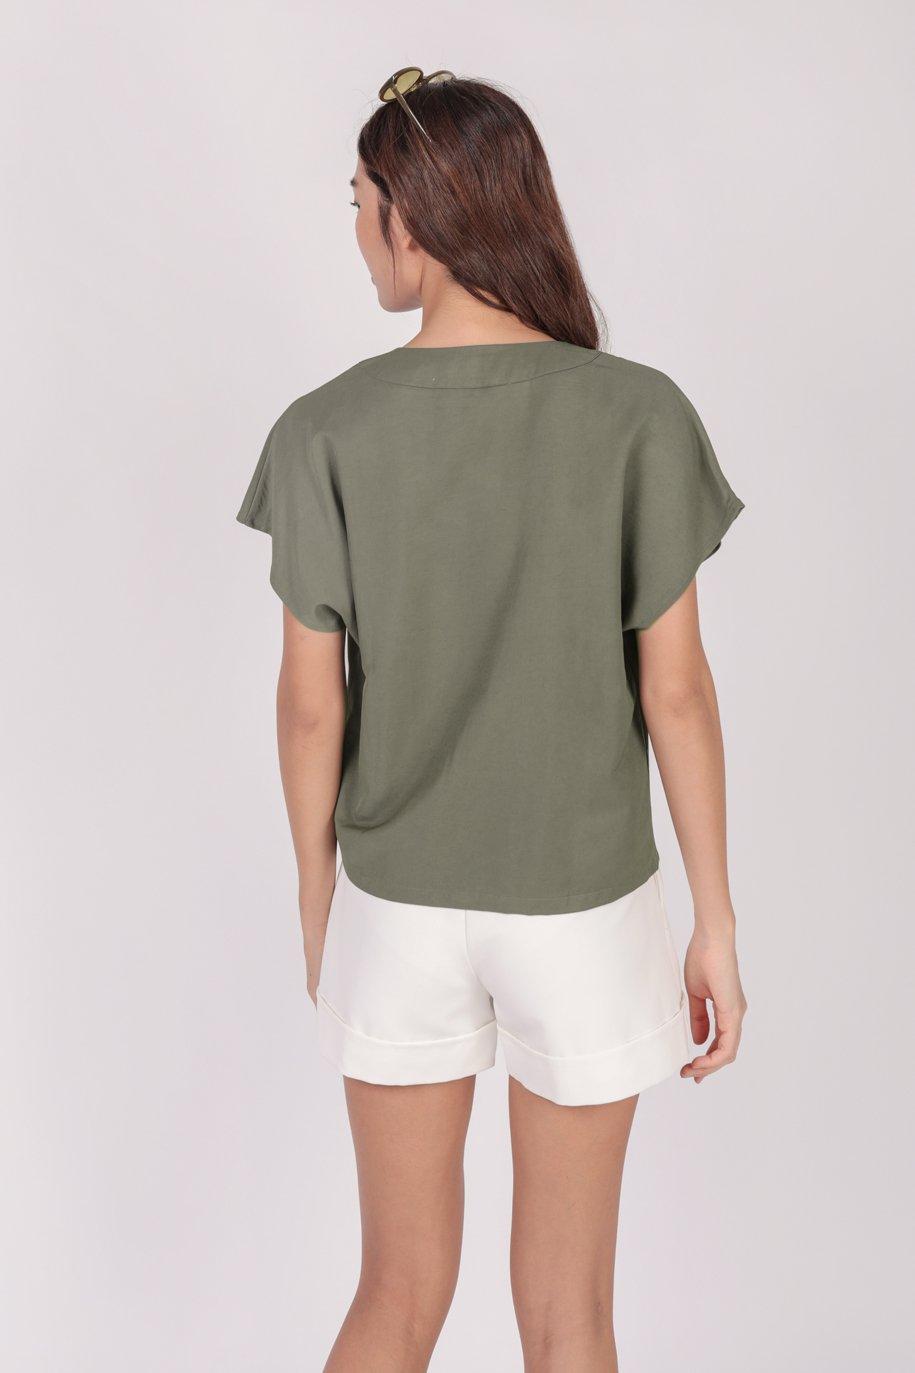 Laurent Sleeved Top (Olive)